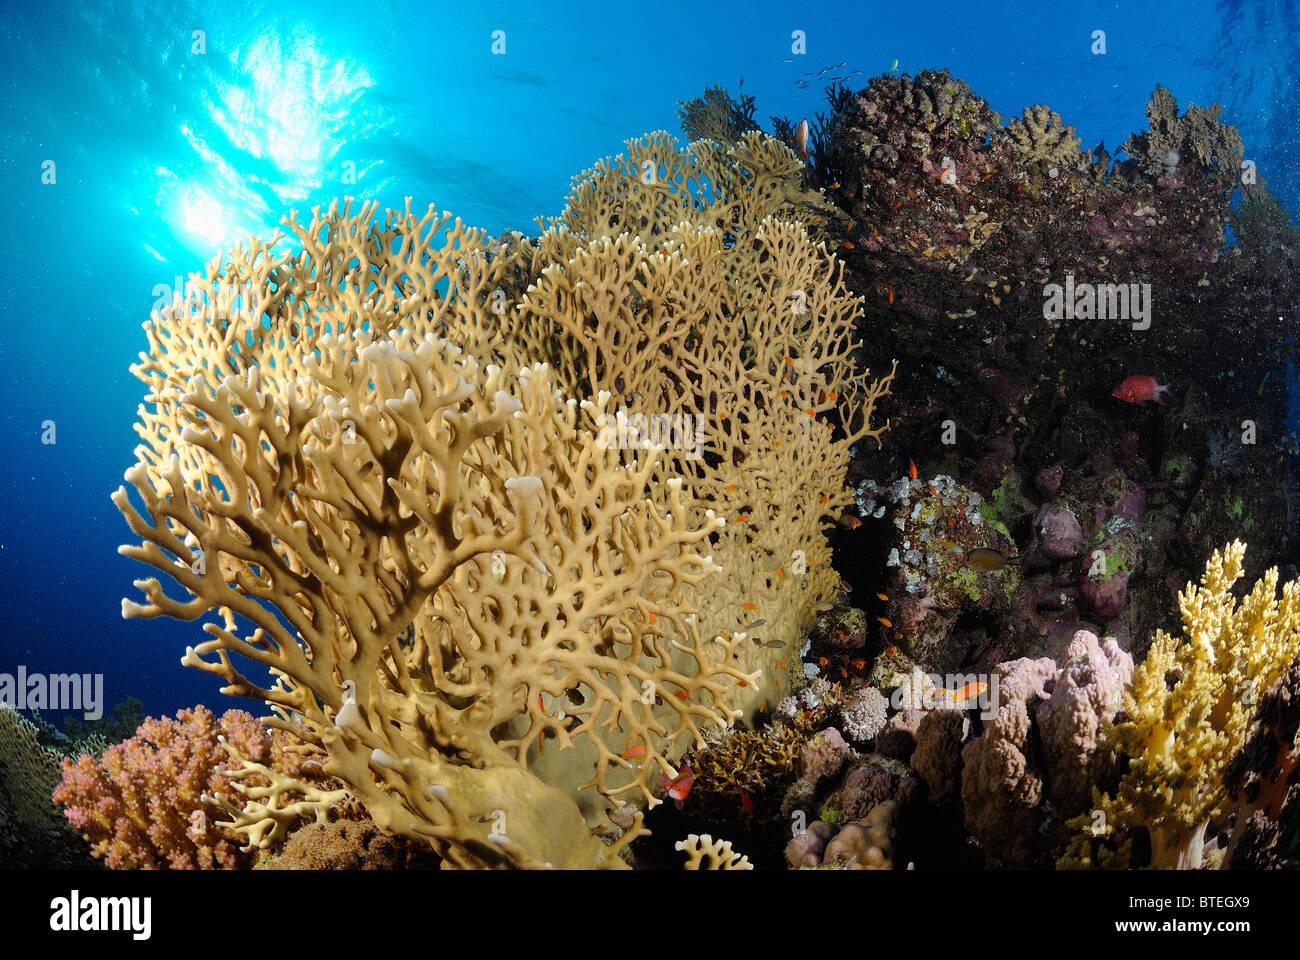 Colonia di corallo di fuoco crescente off Hamata costa, Egitto, Mar Rosso Immagini Stock